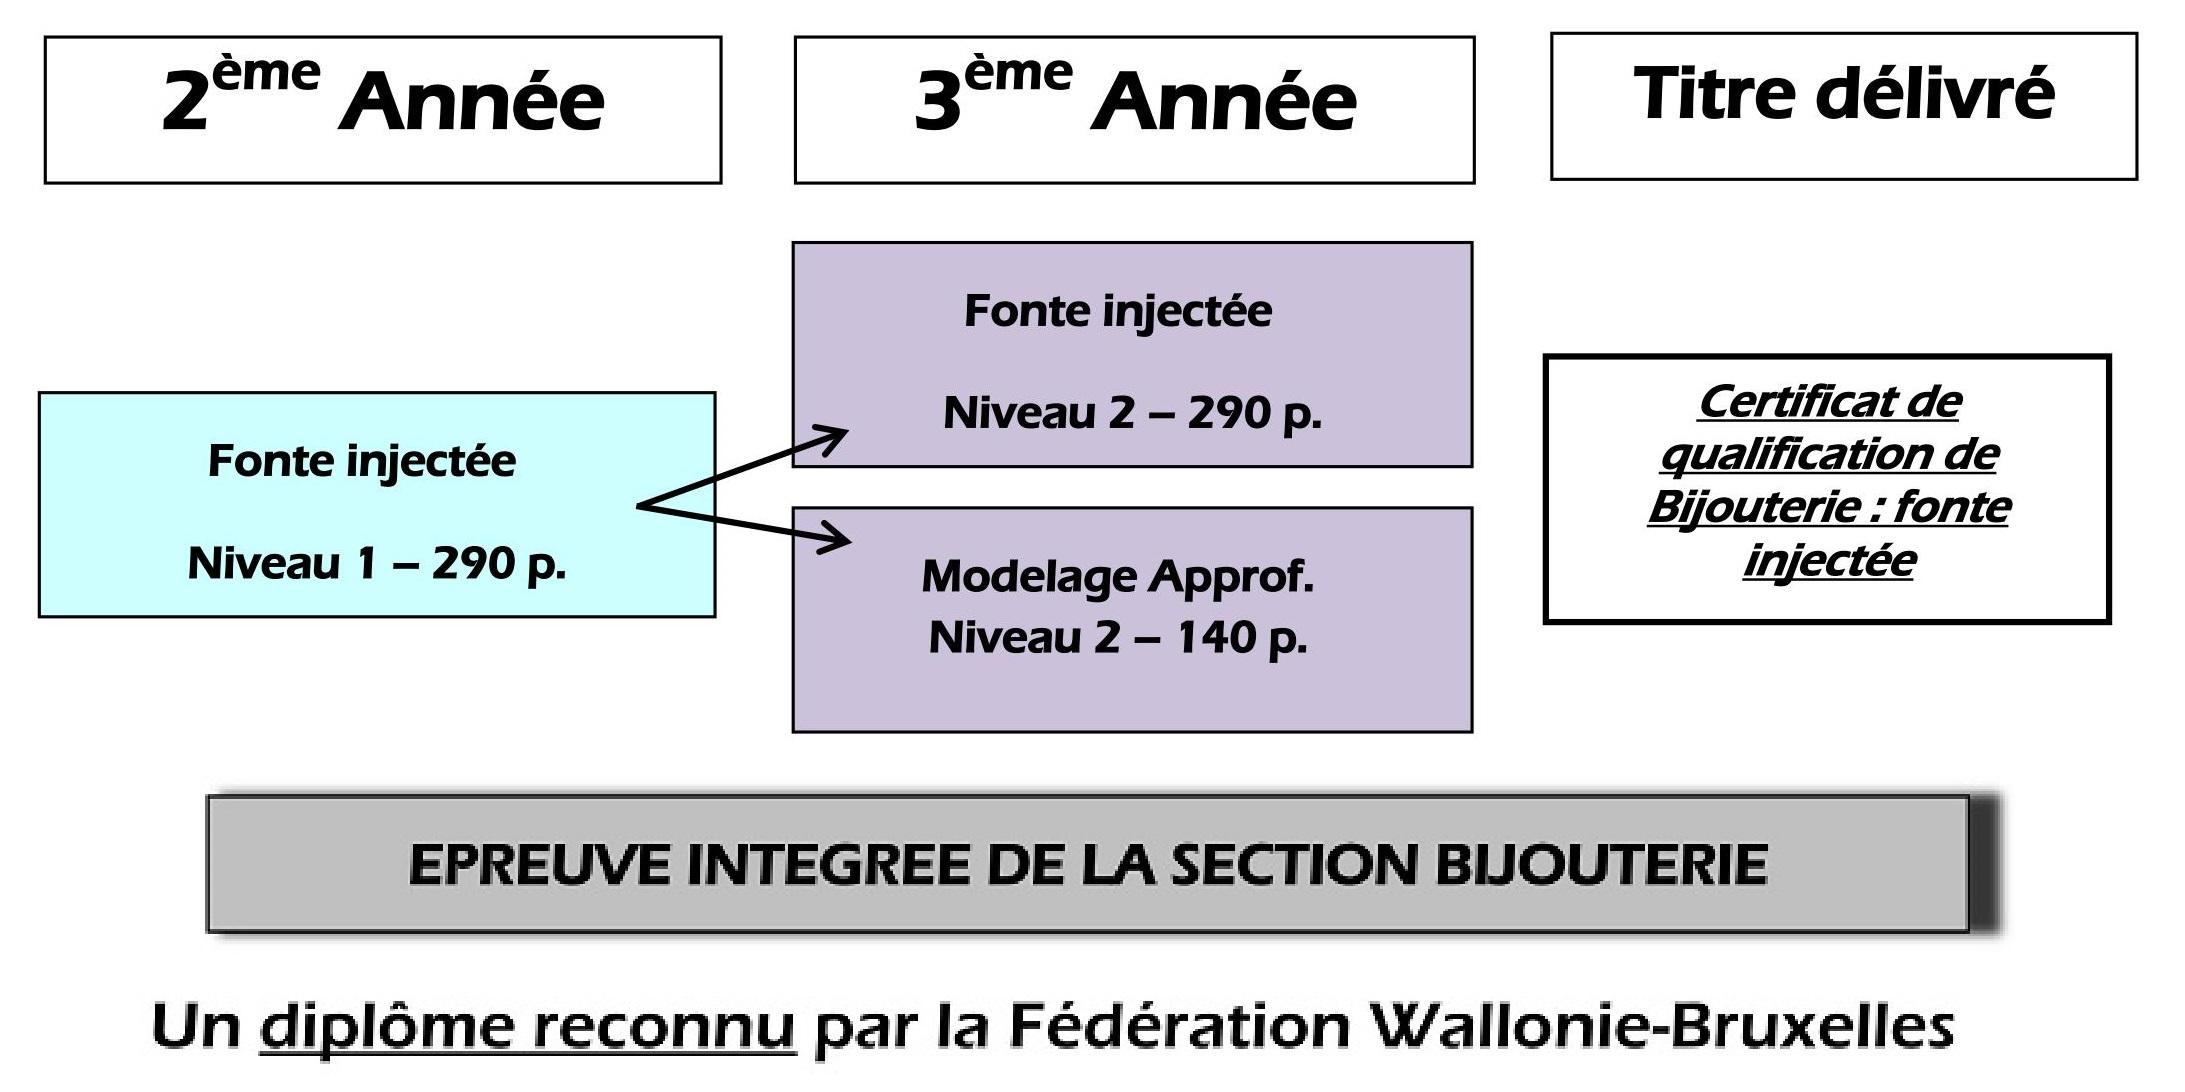 Bijouterie Fonte intégrée – Organigramme de la section